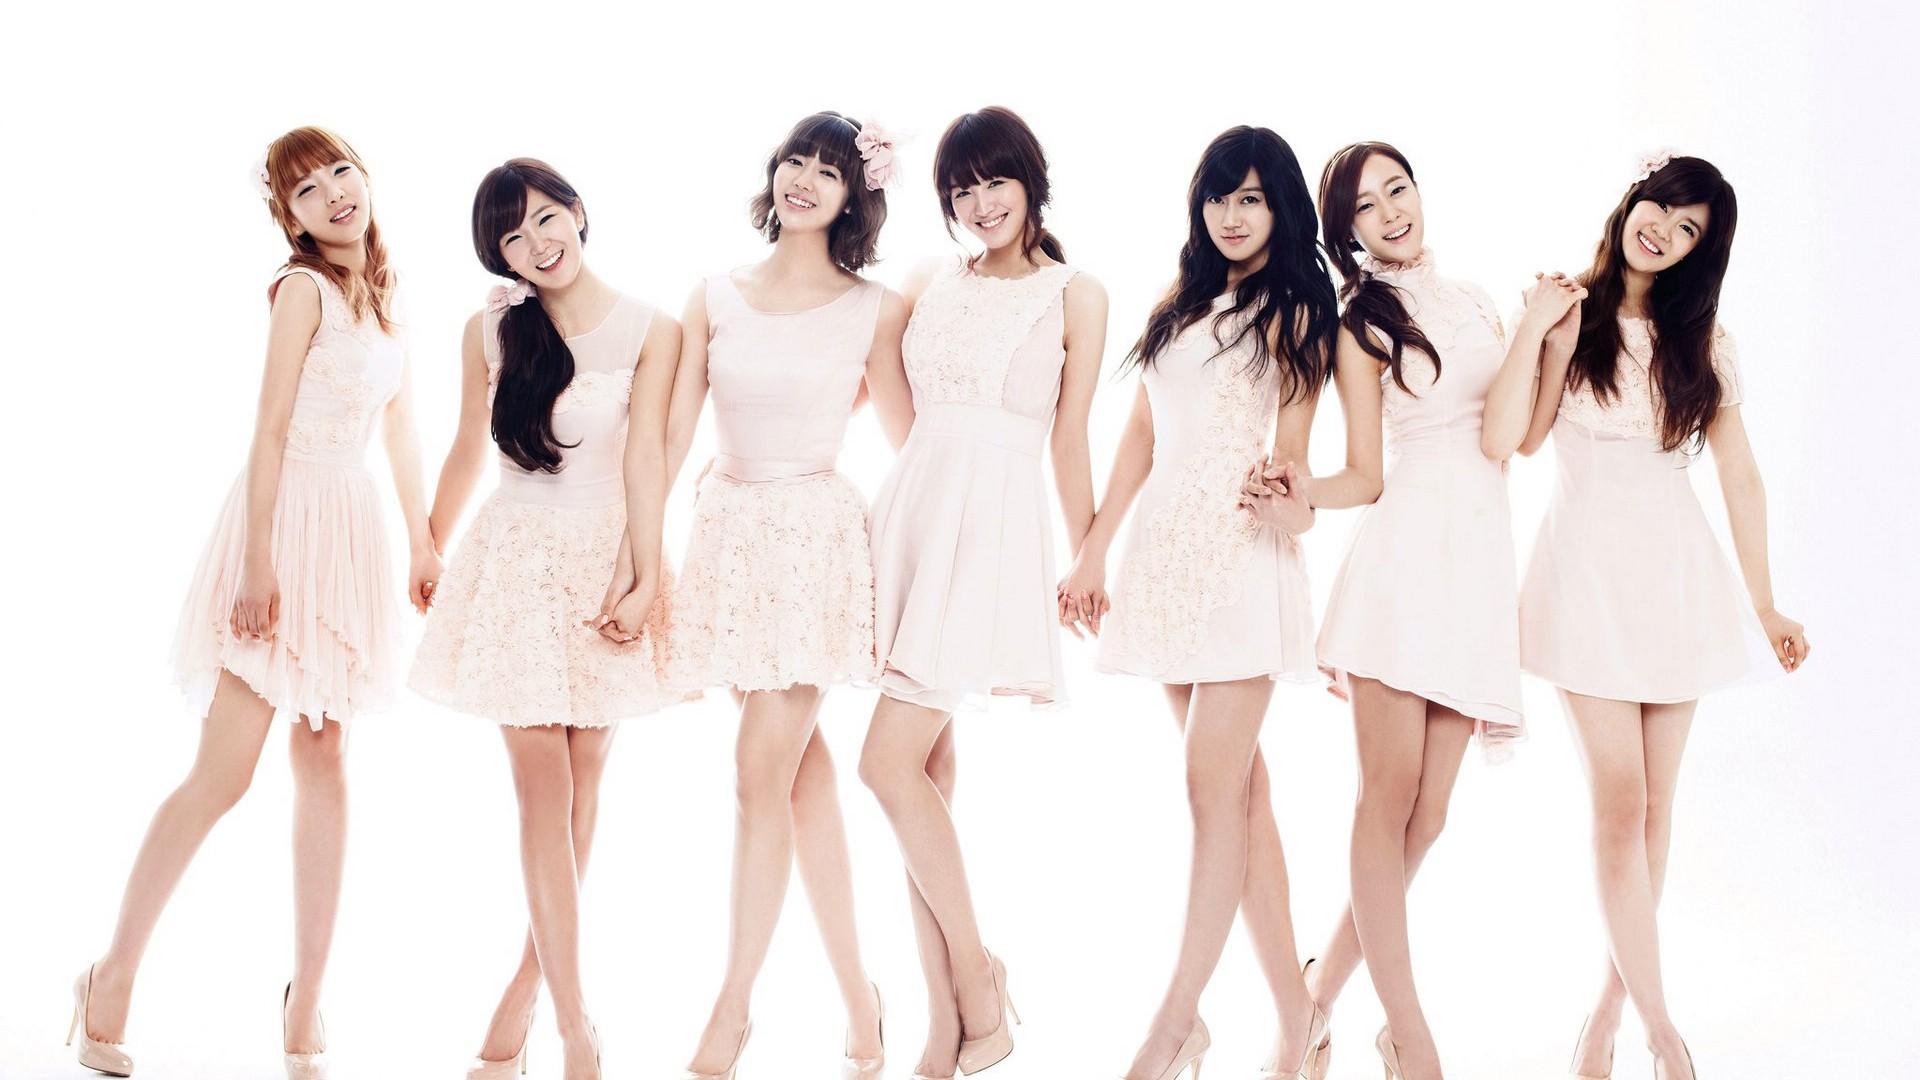 谁知道这个韩国女团组合名字?